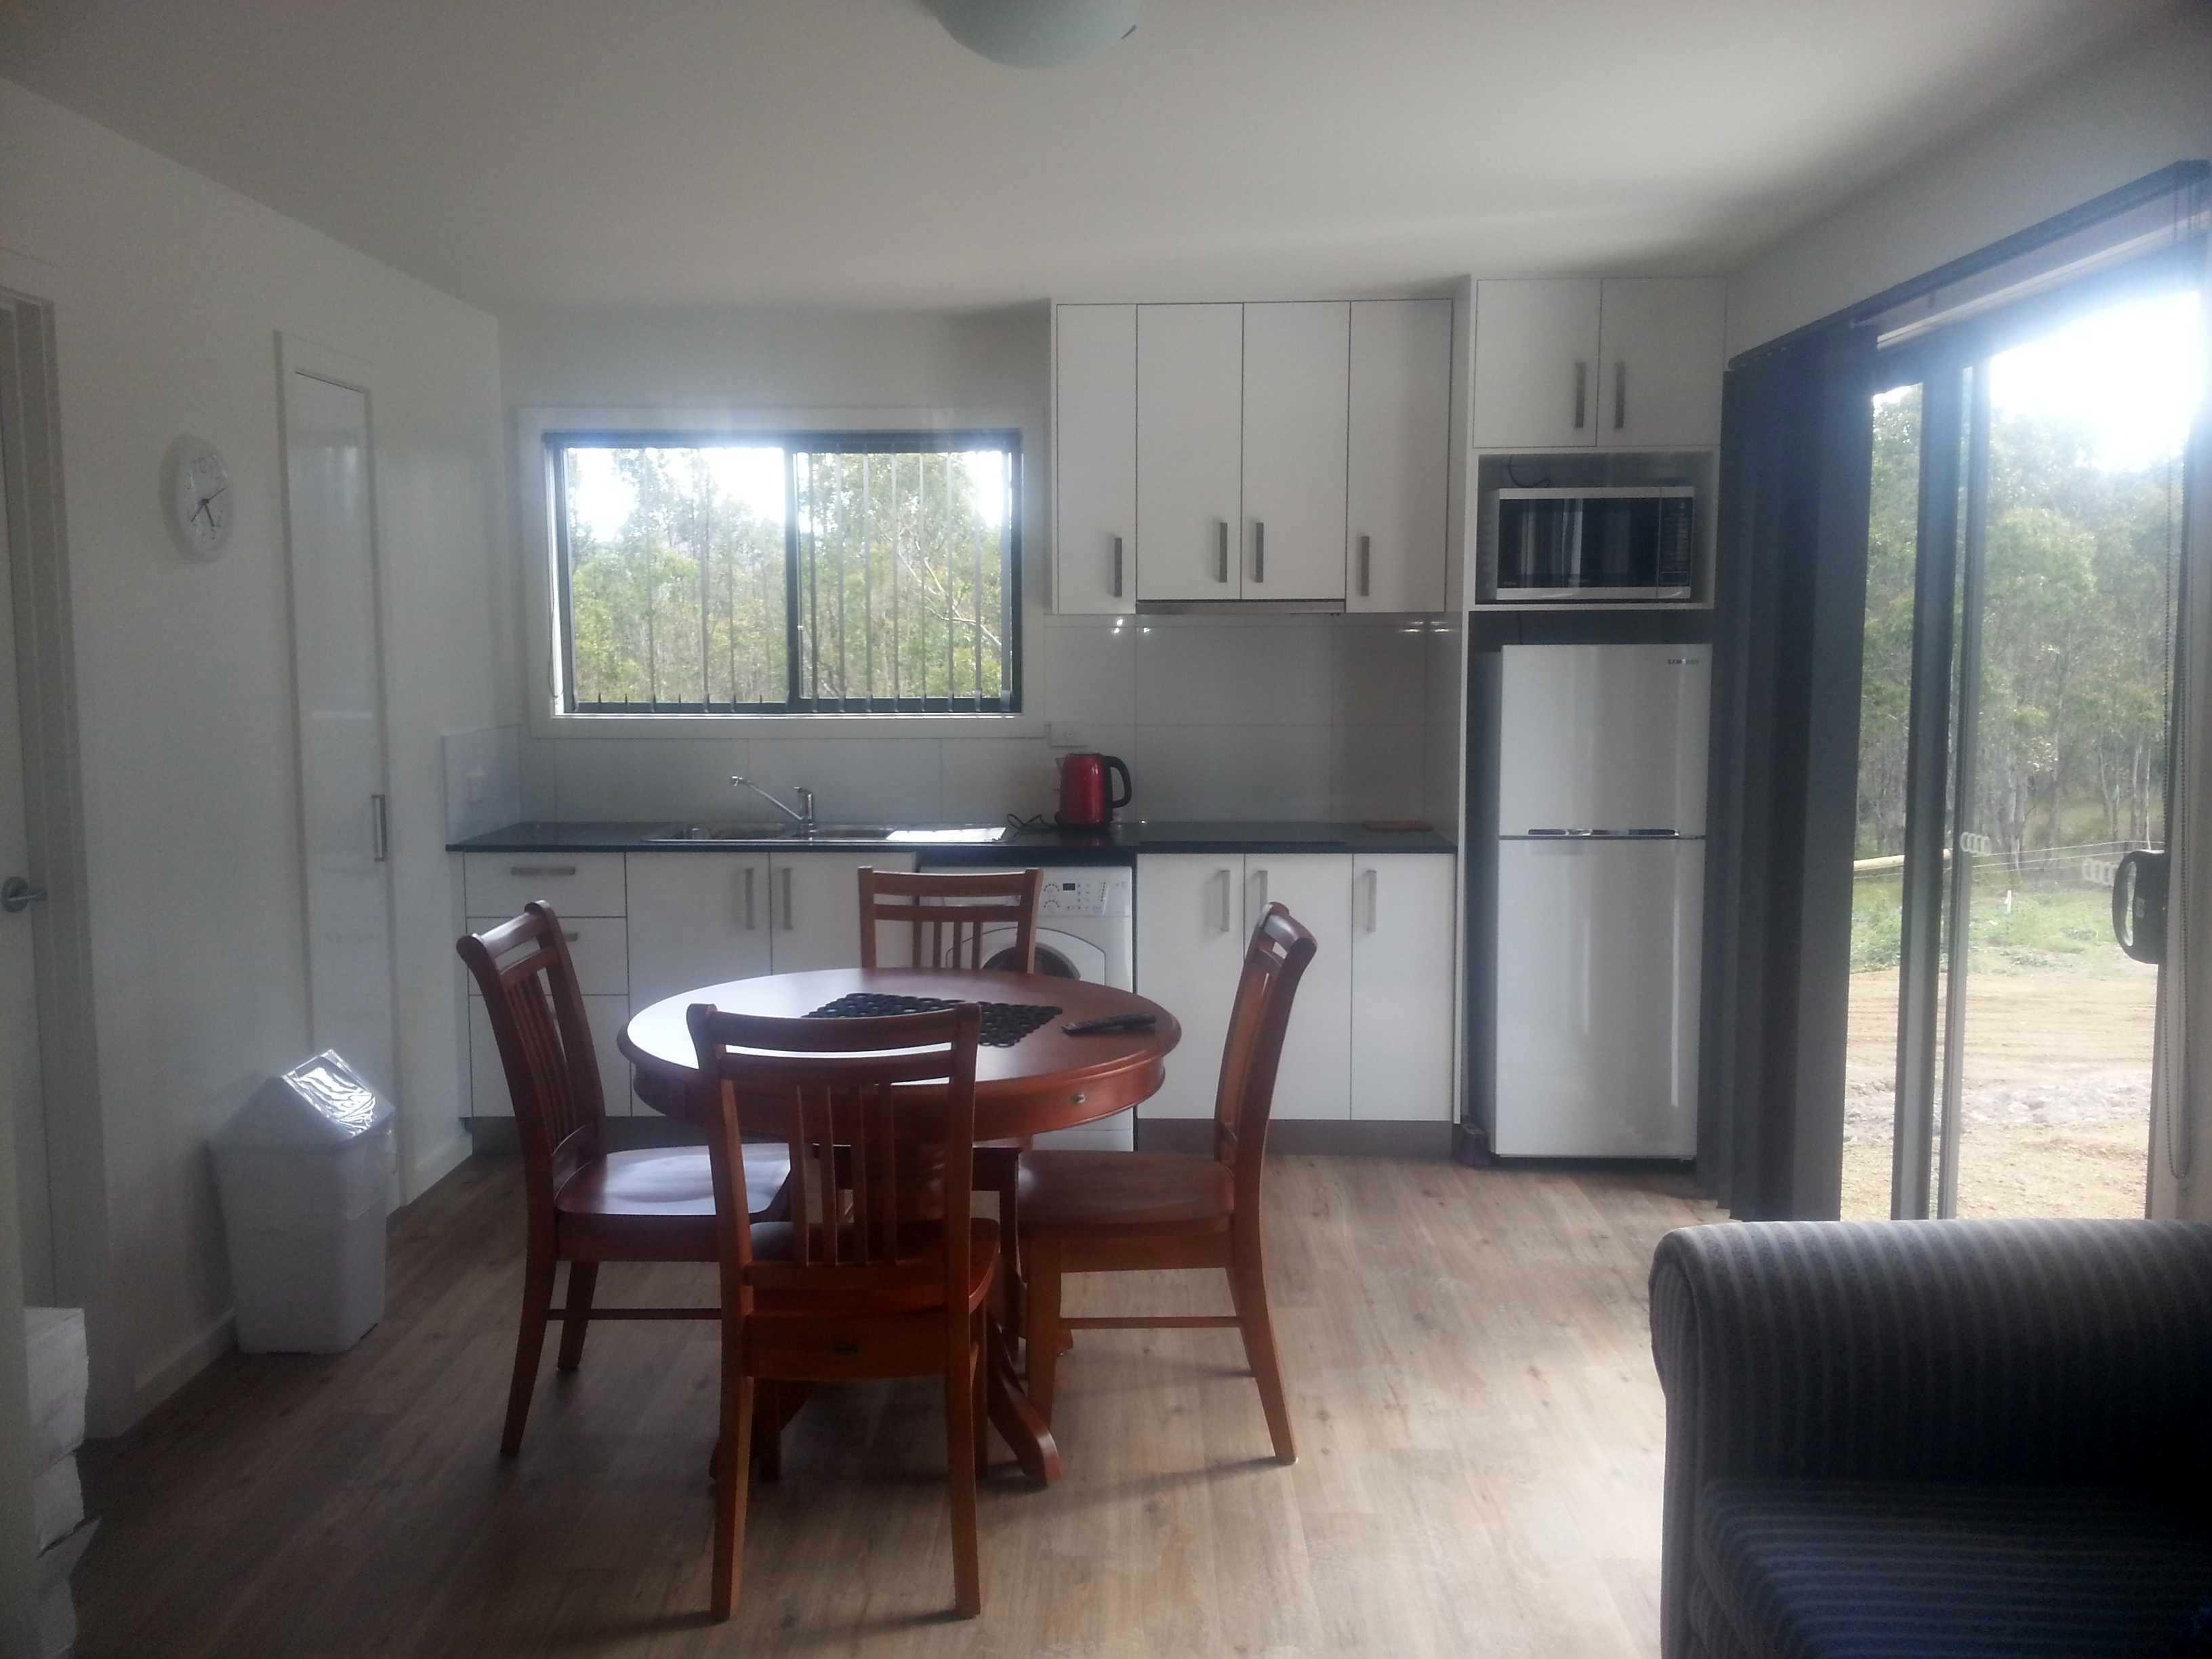 Cabins 3 & 4 Kitchen.jpg